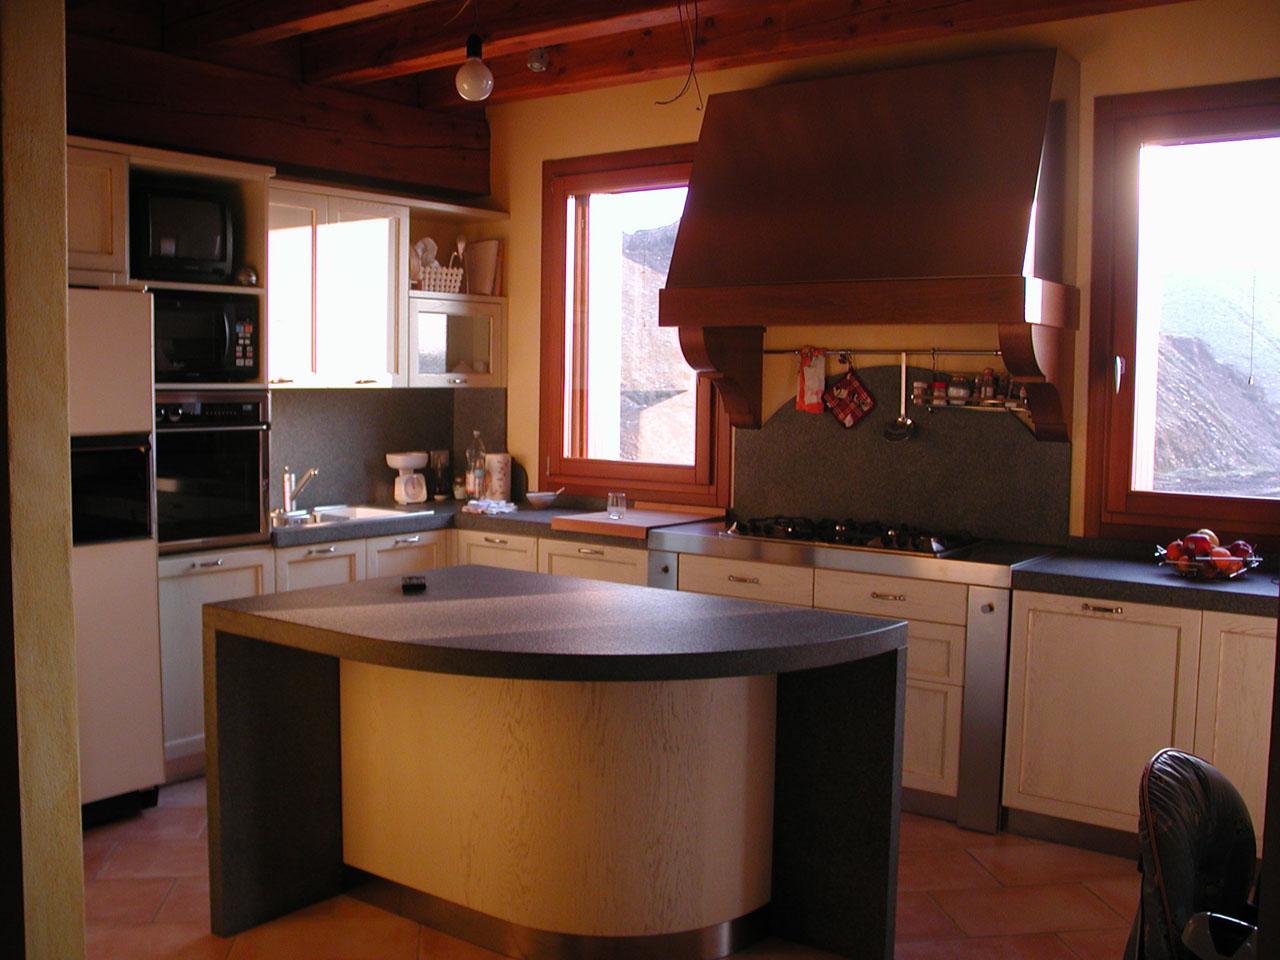 Cucine in muratura con isola centrale cucina con isola - Isola centrale per cucina ...